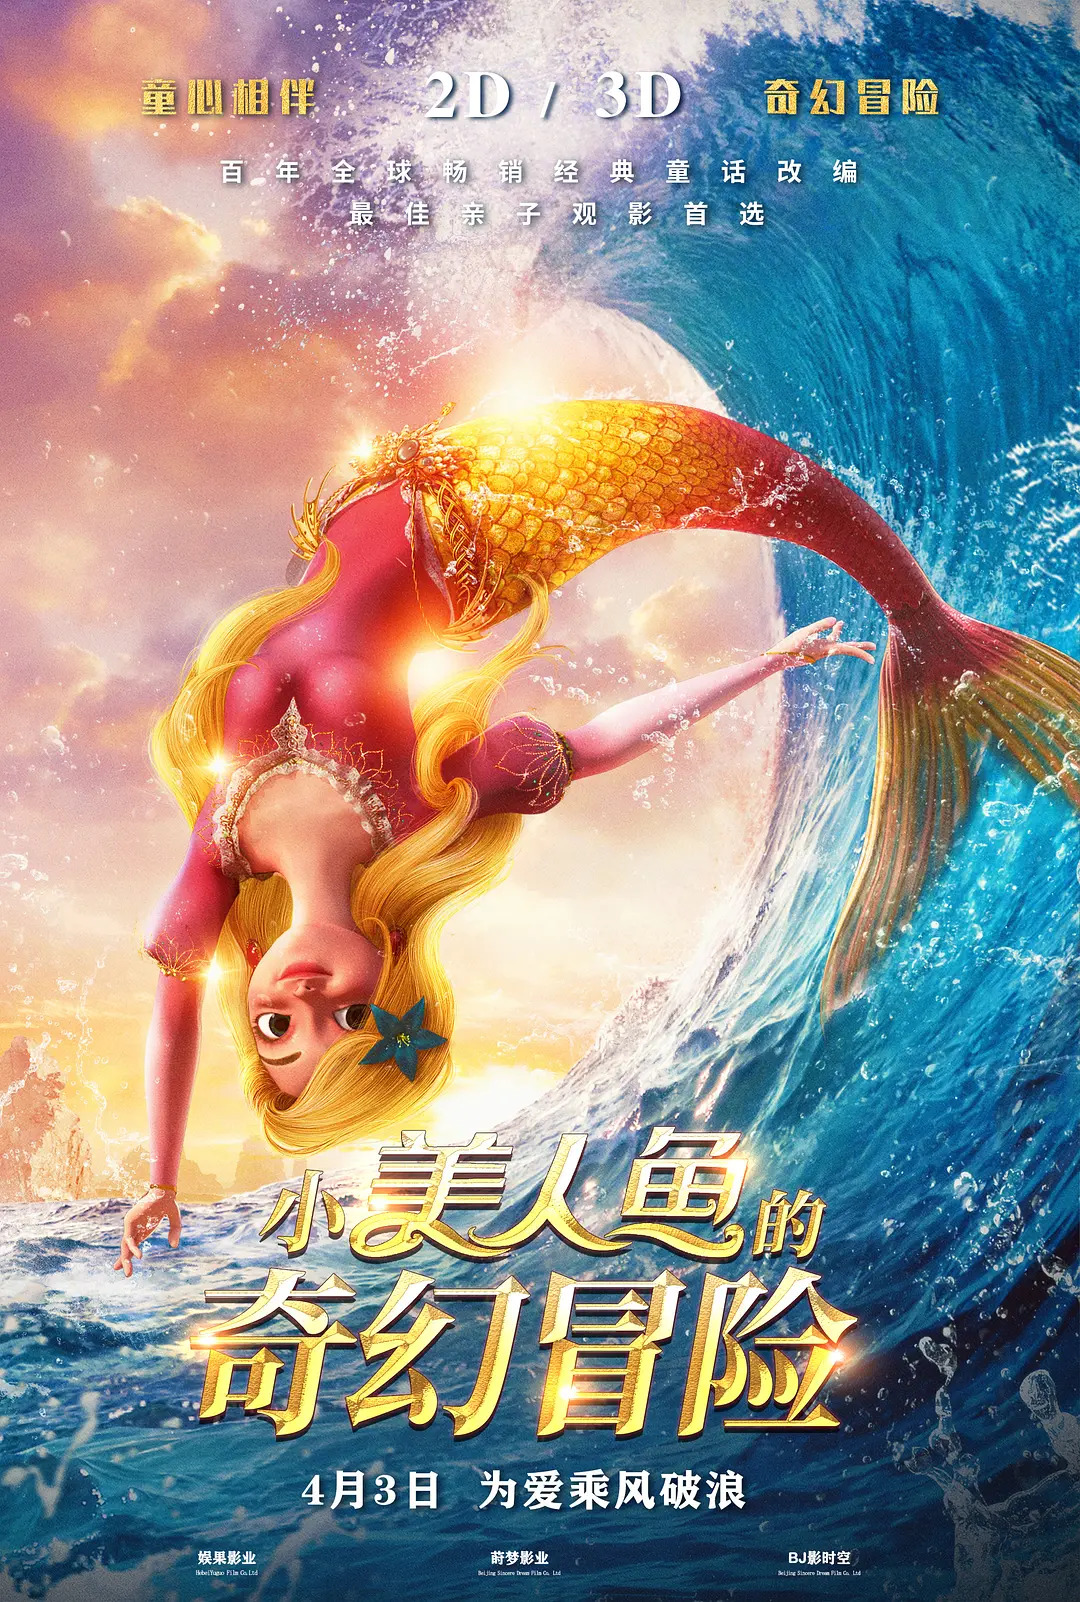 【电影预告】小美人鱼的奇幻冒险 The New Little Mermaid: Ocean Girl 2021-04-03 中国大陆上映